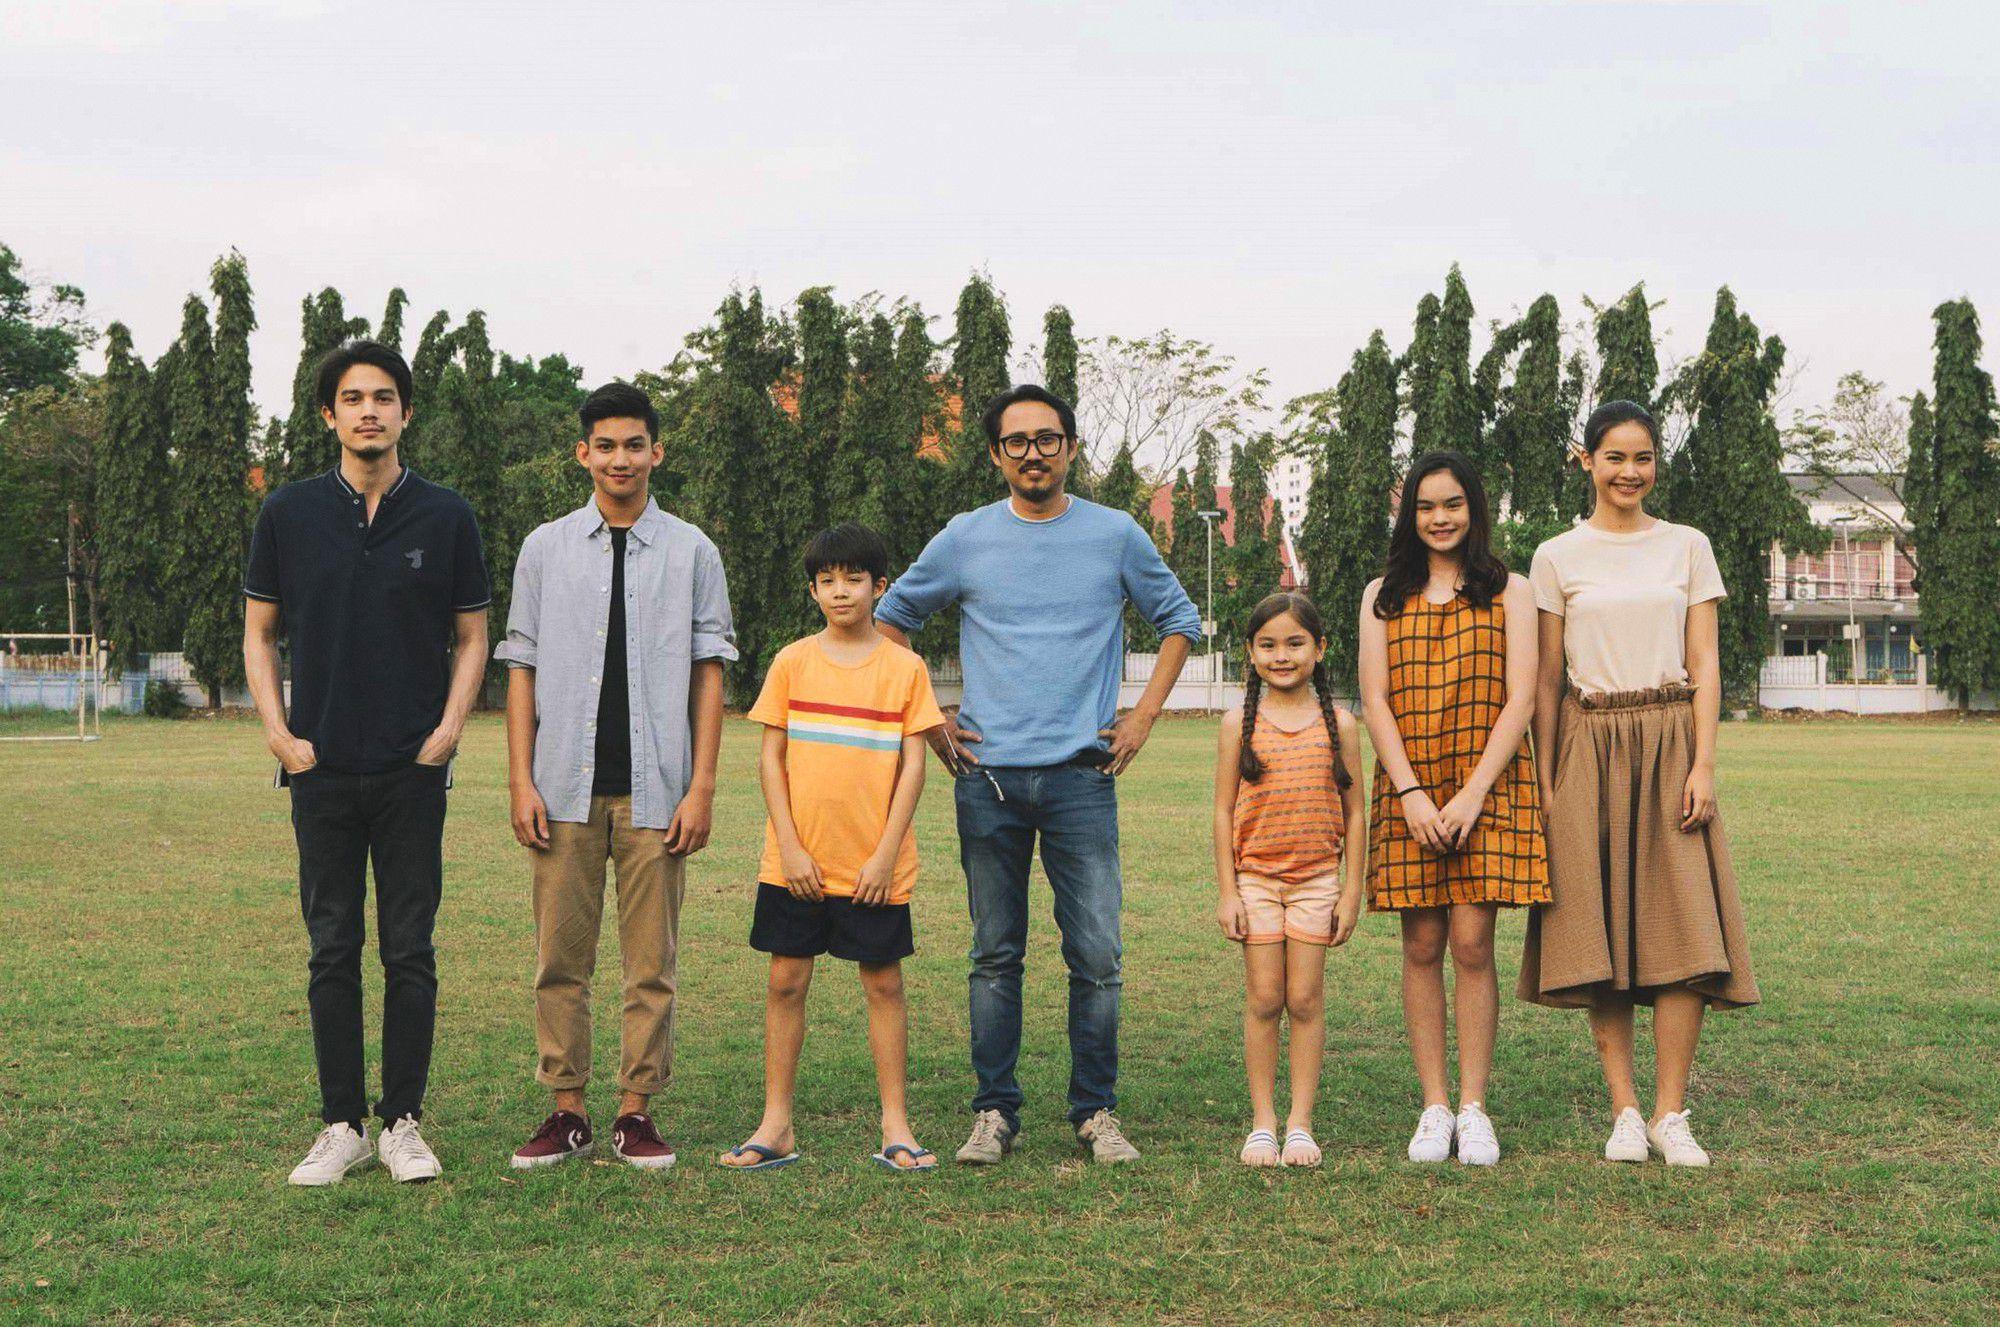 Ông Anh Trời Đánh: Phim điện ảnh Thái Lan cực hot 2018 sắp cập bến Việt Nam (6)